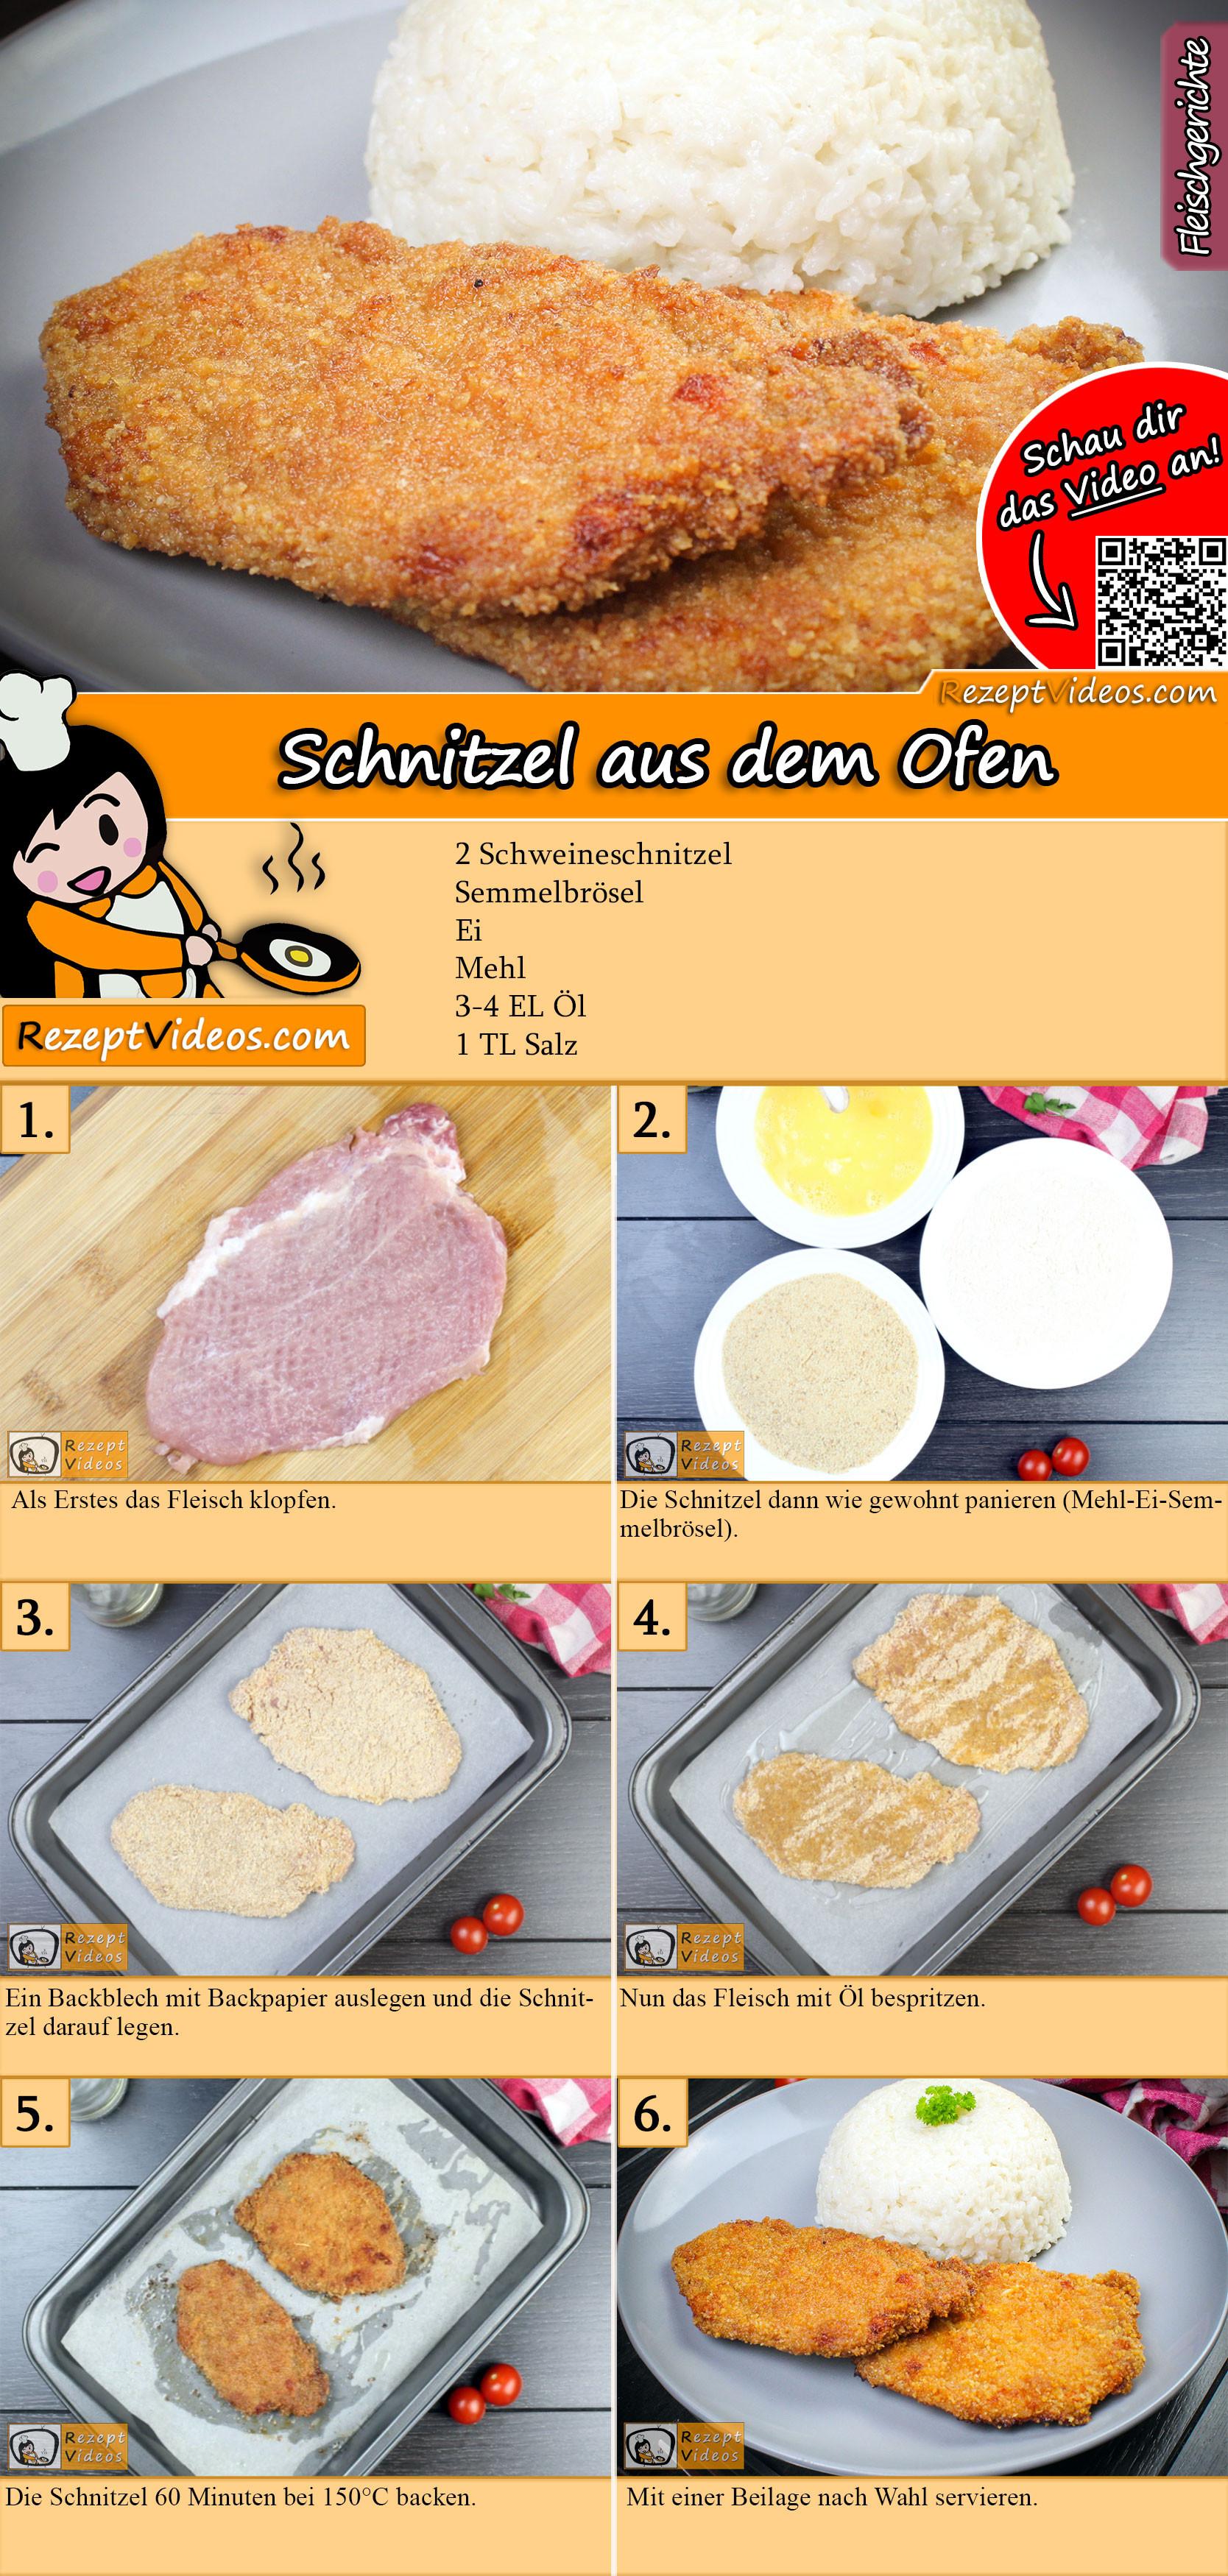 Schnitzel aus dem Ofen Rezept mit Video